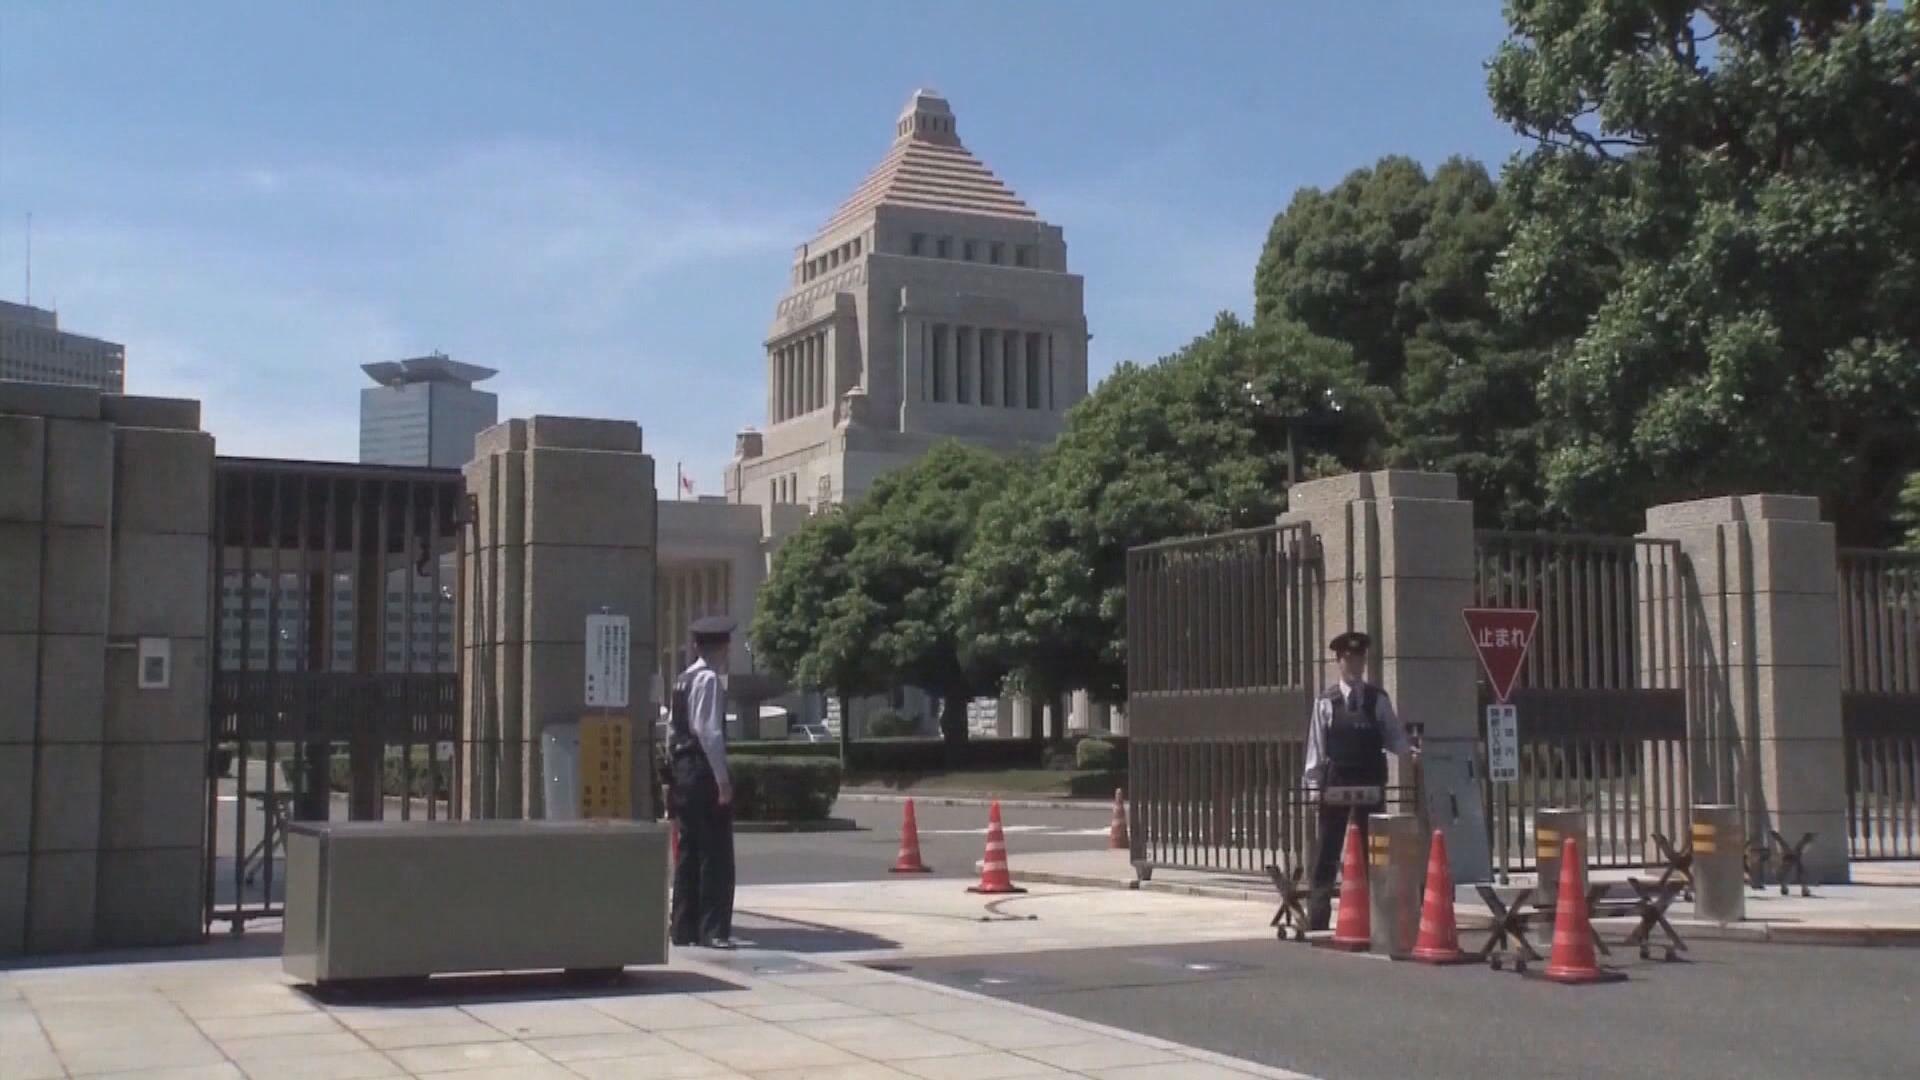 【環球薈報】日本憲法74年從未修改但醞釀修憲